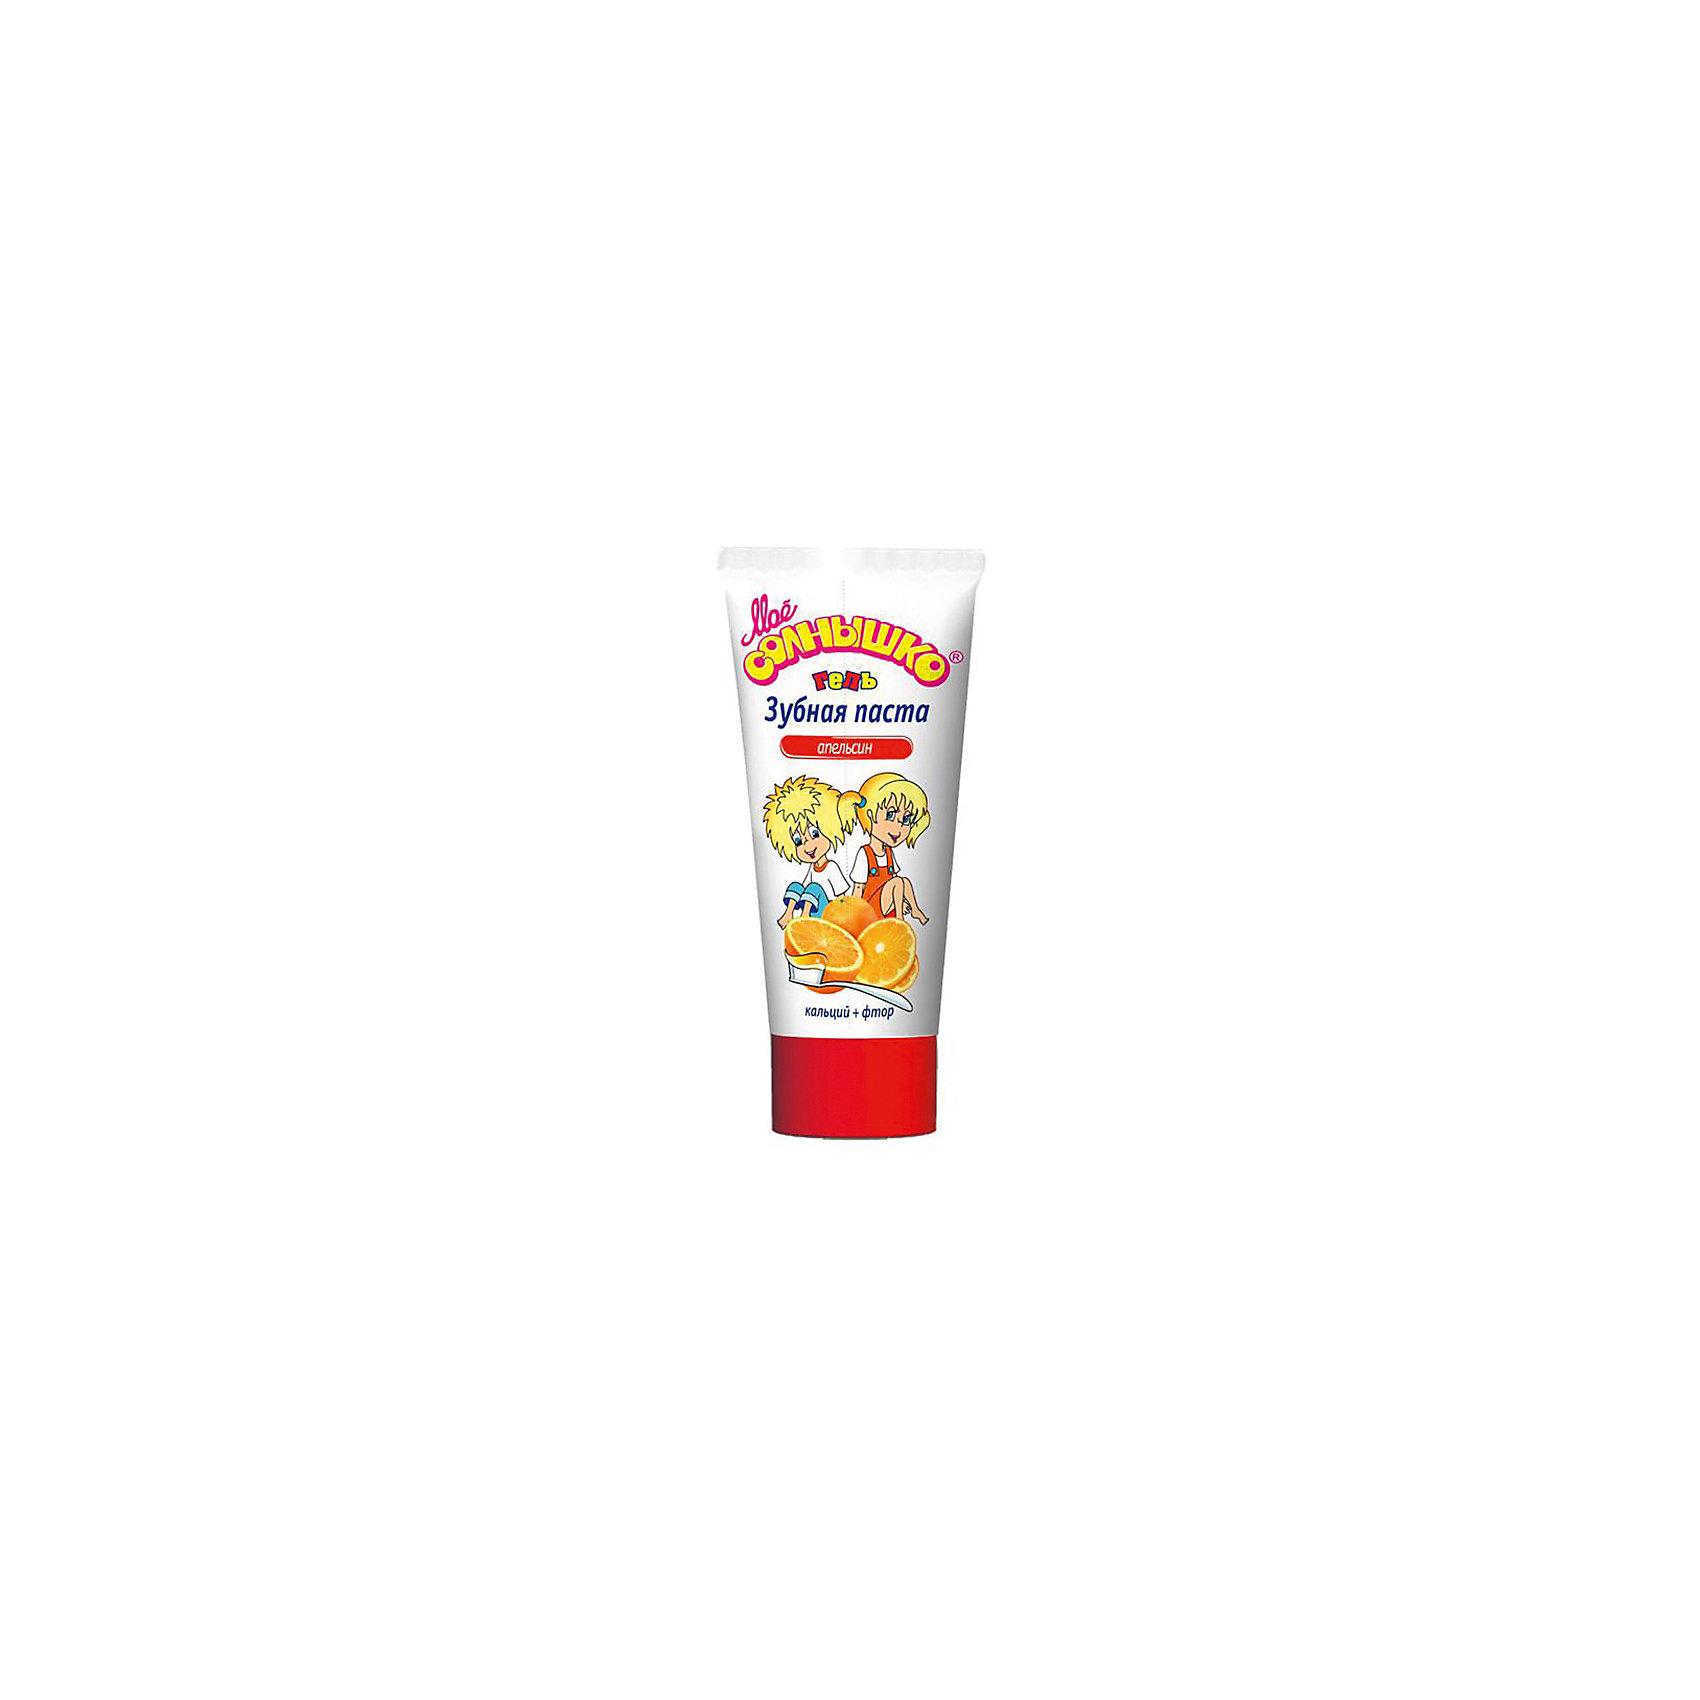 Зубная паста гелевая апельсин, Моё солнышкоЗубные пасты<br>Зубная паста гелевая Мое солнышко  апельсин разработана специально для ухода за детскими молочными и постоянными зубами. Рекомендована для малышей в возрасте от двух лет. Благодаря сбалансированному комплексу кальция и фтора, паста укрепляет формирующуюся эмаль, защищает зубы от кариеса, не вызывая раздражений на слизистой. Безопасна при случайном проглатывании. Хорошо пенится и обладает приятным мультифруктовым вкусом.<br><br>Ширина мм: 55<br>Глубина мм: 33<br>Высота мм: 120<br>Вес г: 80<br>Возраст от месяцев: 24<br>Возраст до месяцев: 60<br>Пол: Унисекс<br>Возраст: Детский<br>SKU: 4124450